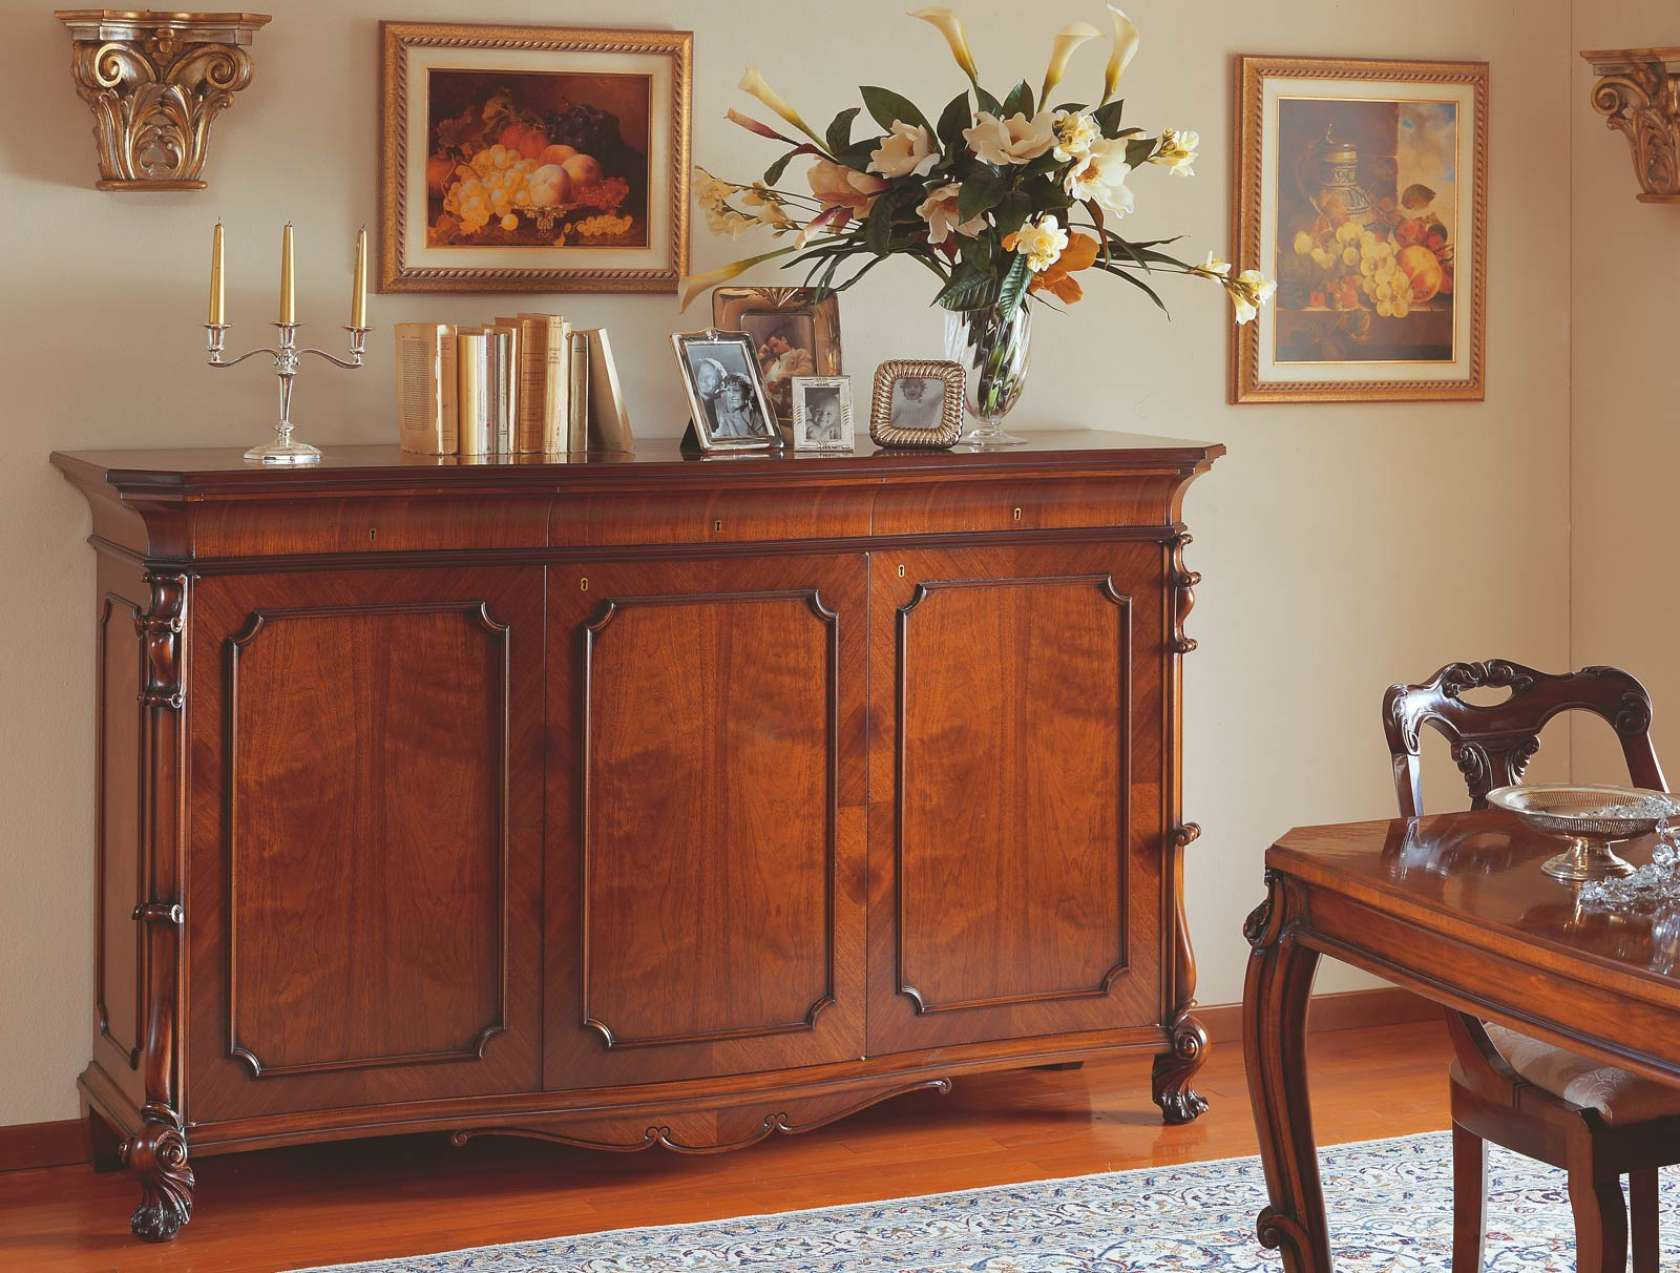 18th century Siciliano style sideboard Vimercati Classic Furniture